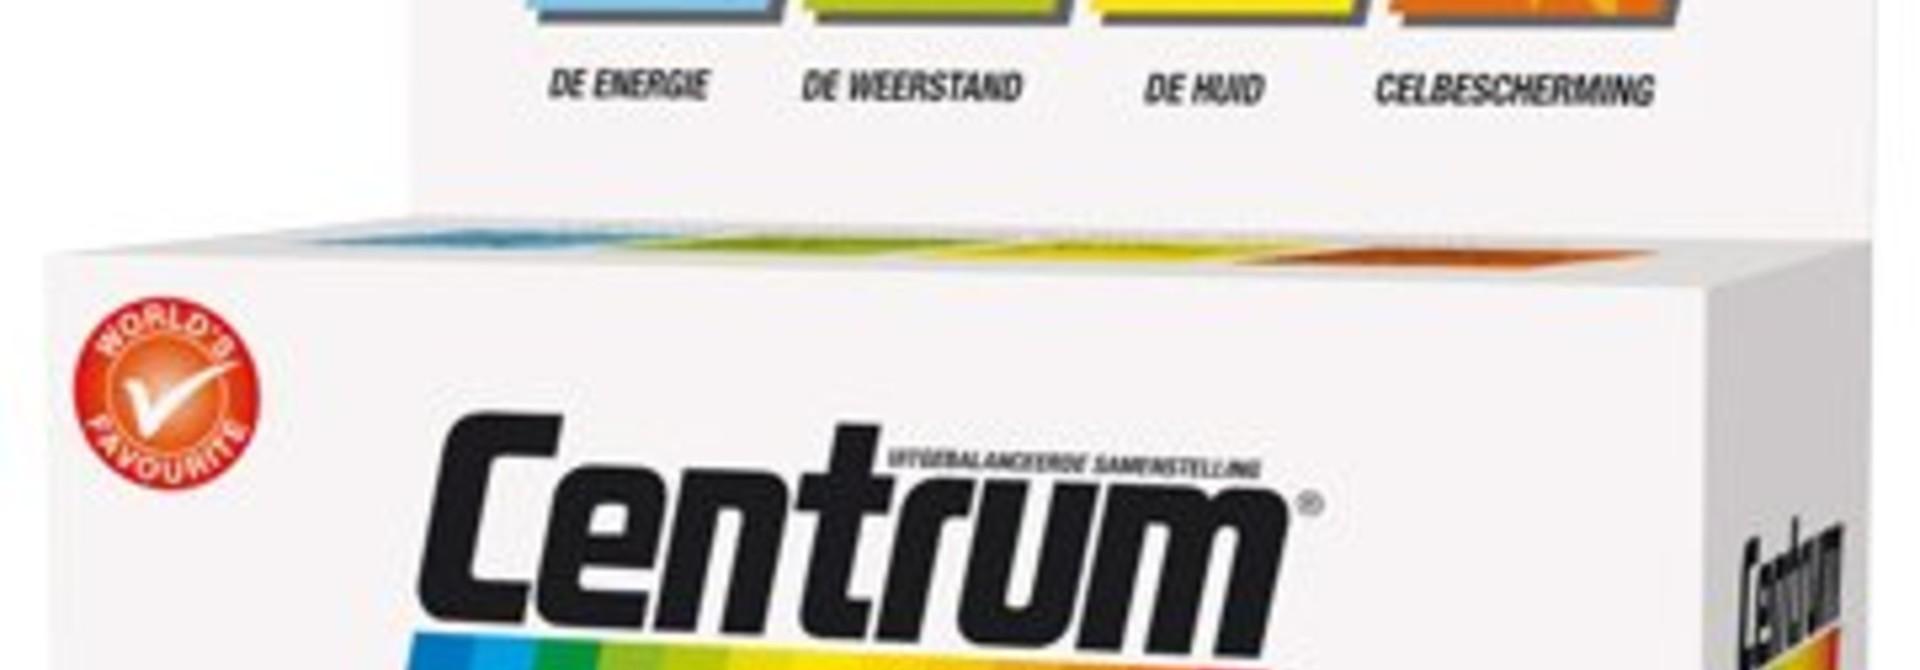 Centrum Multivitamine Adult Met Luteine 180 tabletten